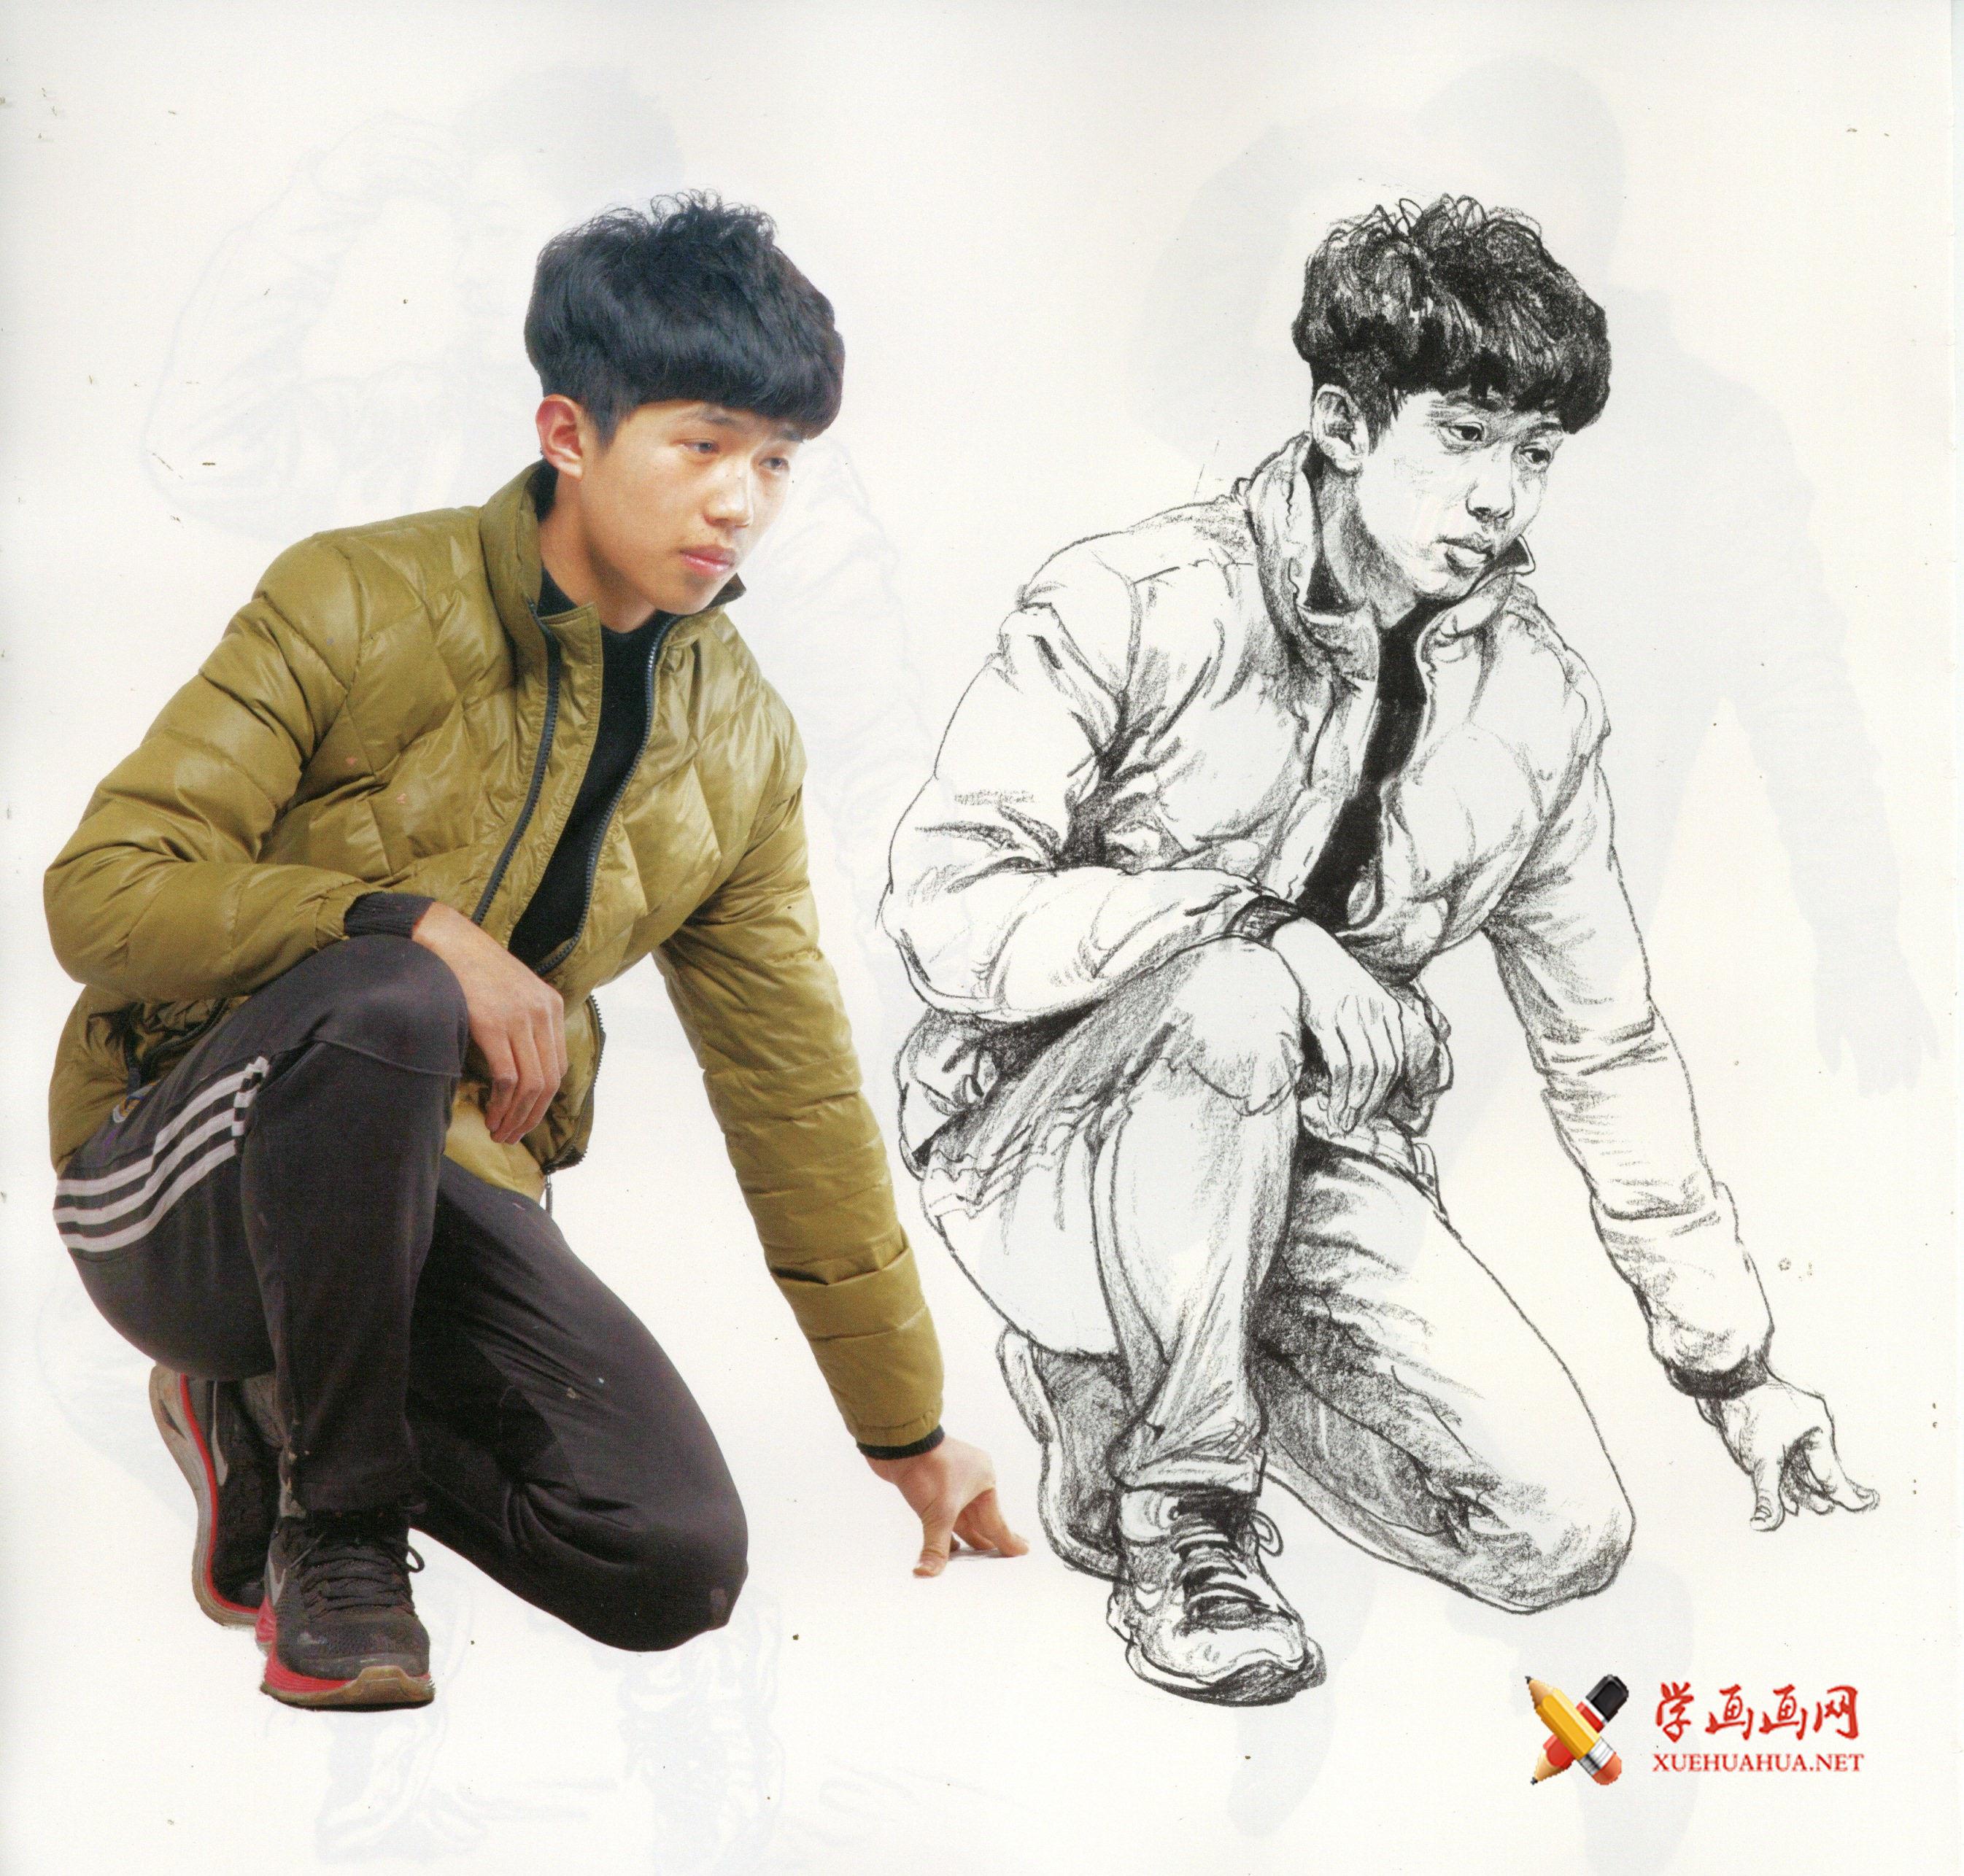 单人速写范画-半蹲的时尚少年速写范画【含照片图】(1)